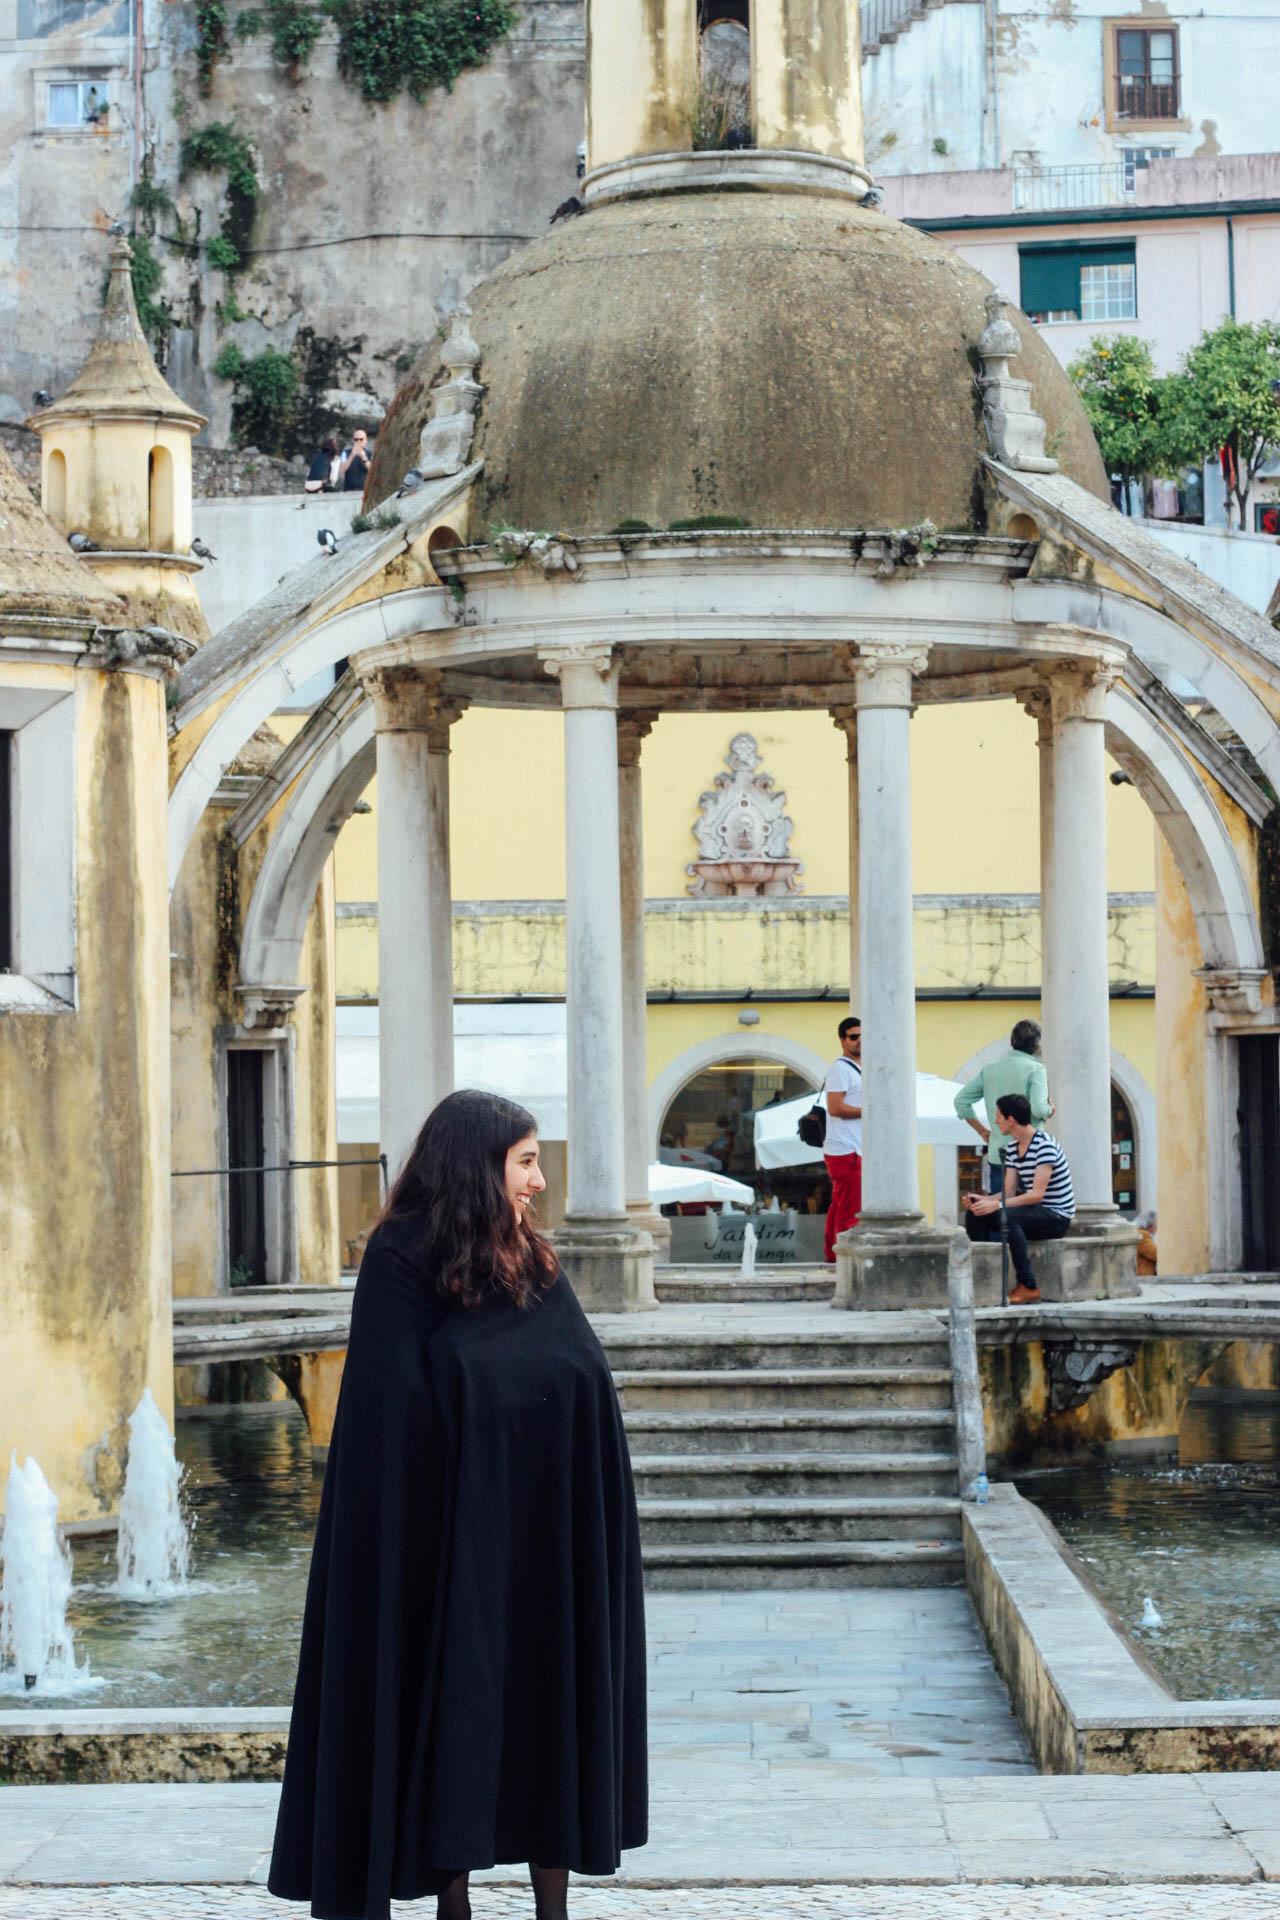 Jardim da Manga (Sleeve Garden), Coimbra